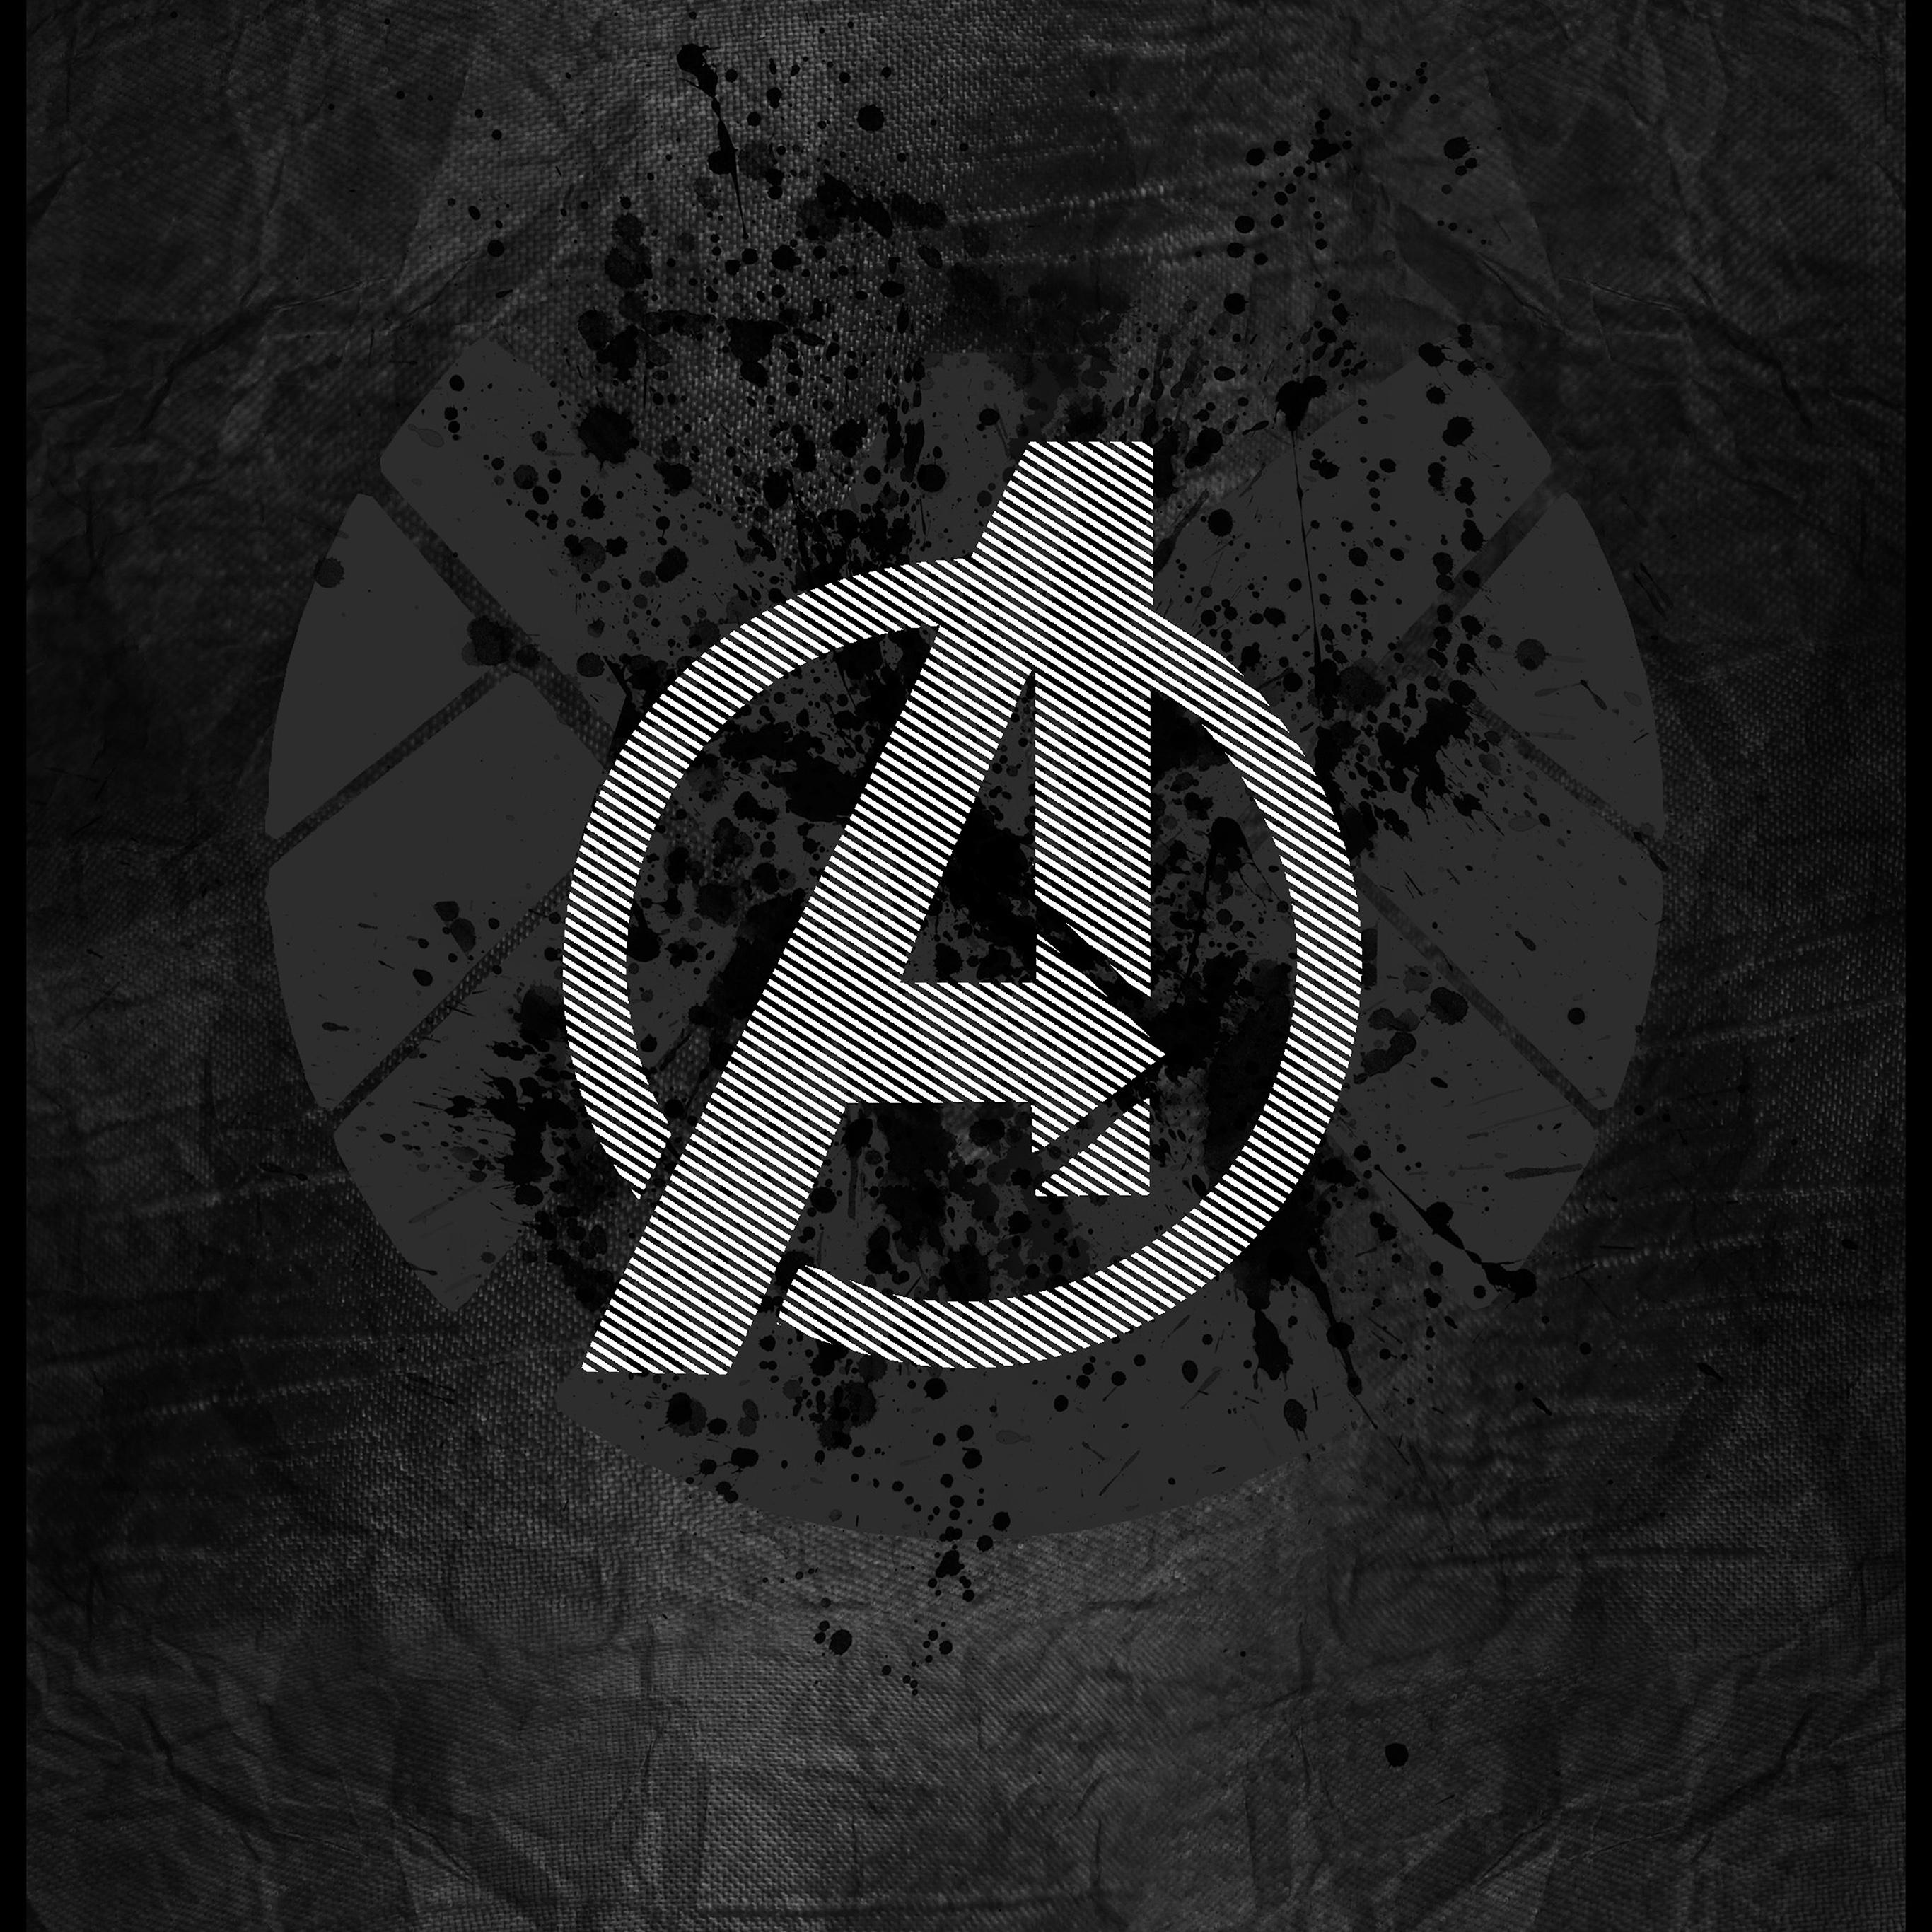 Ipad retina - Avengers symbol wallpaper ...